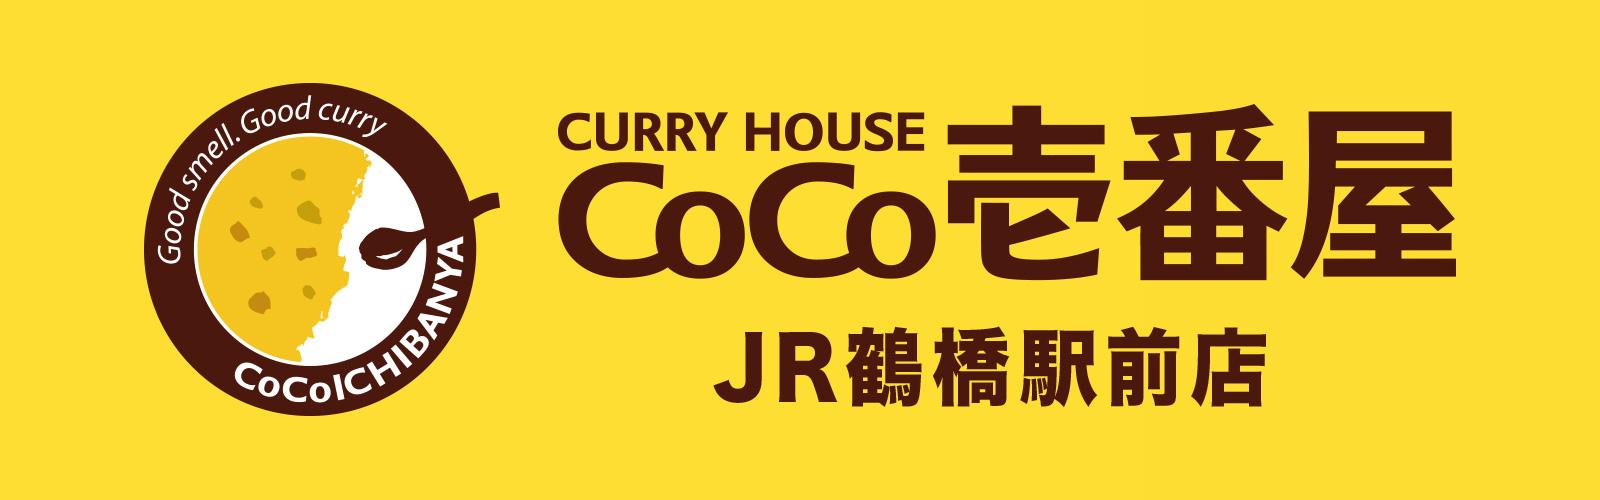 カレーハウスCoCo壱番屋 JR鶴橋駅前店(大阪・鶴橋)